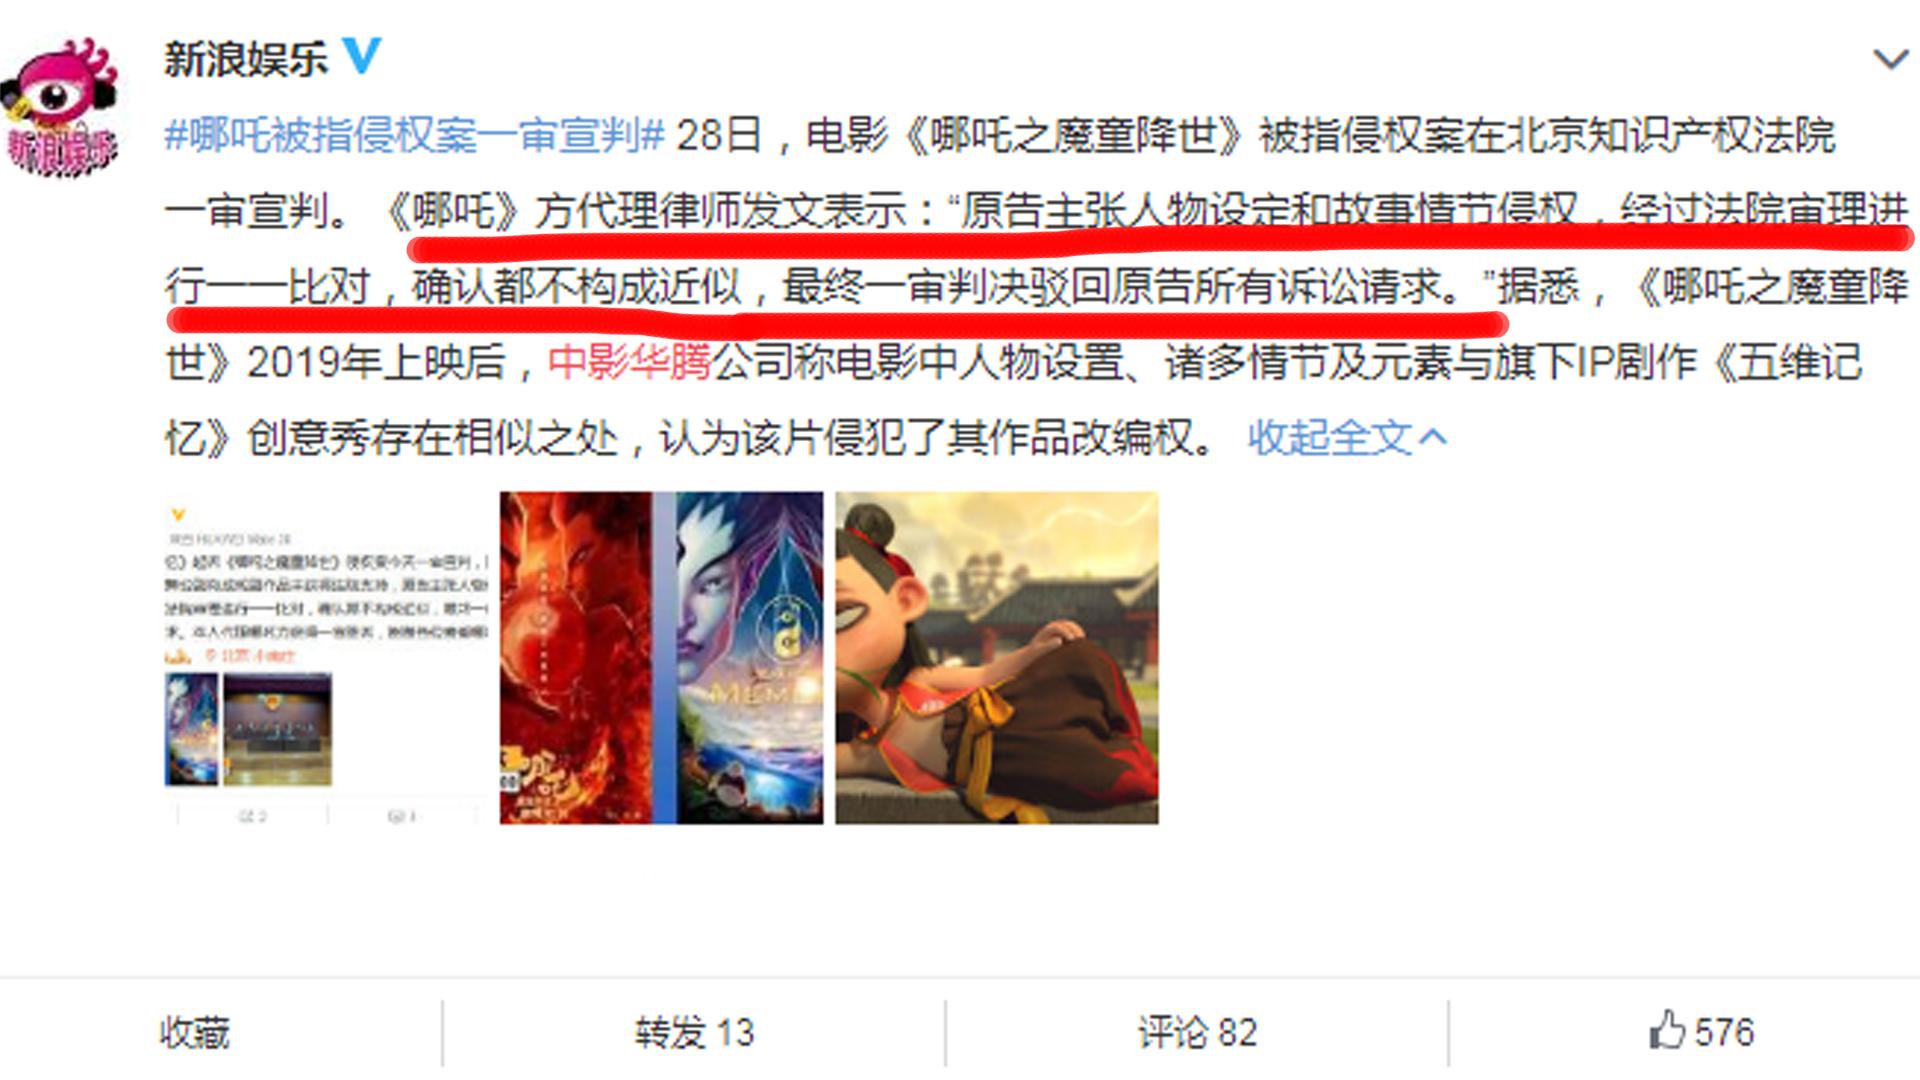 哪吒电影涉嫌抄袭《五维记忆》一案宣判,饺子导演表示心很累